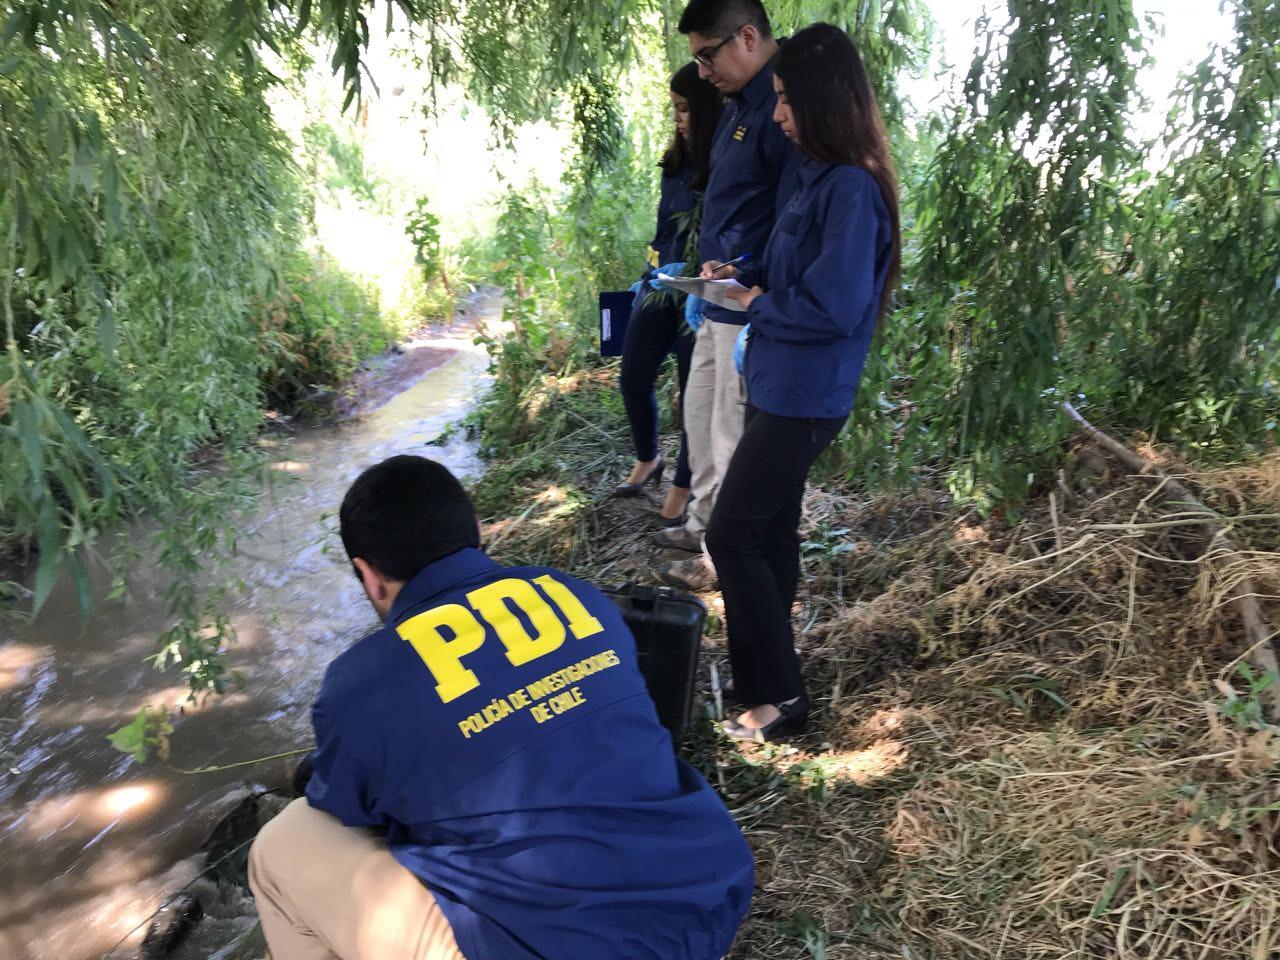 Hallan cadáver en canal de regadío en Rancagua: Data de muerte sería de 3 meses